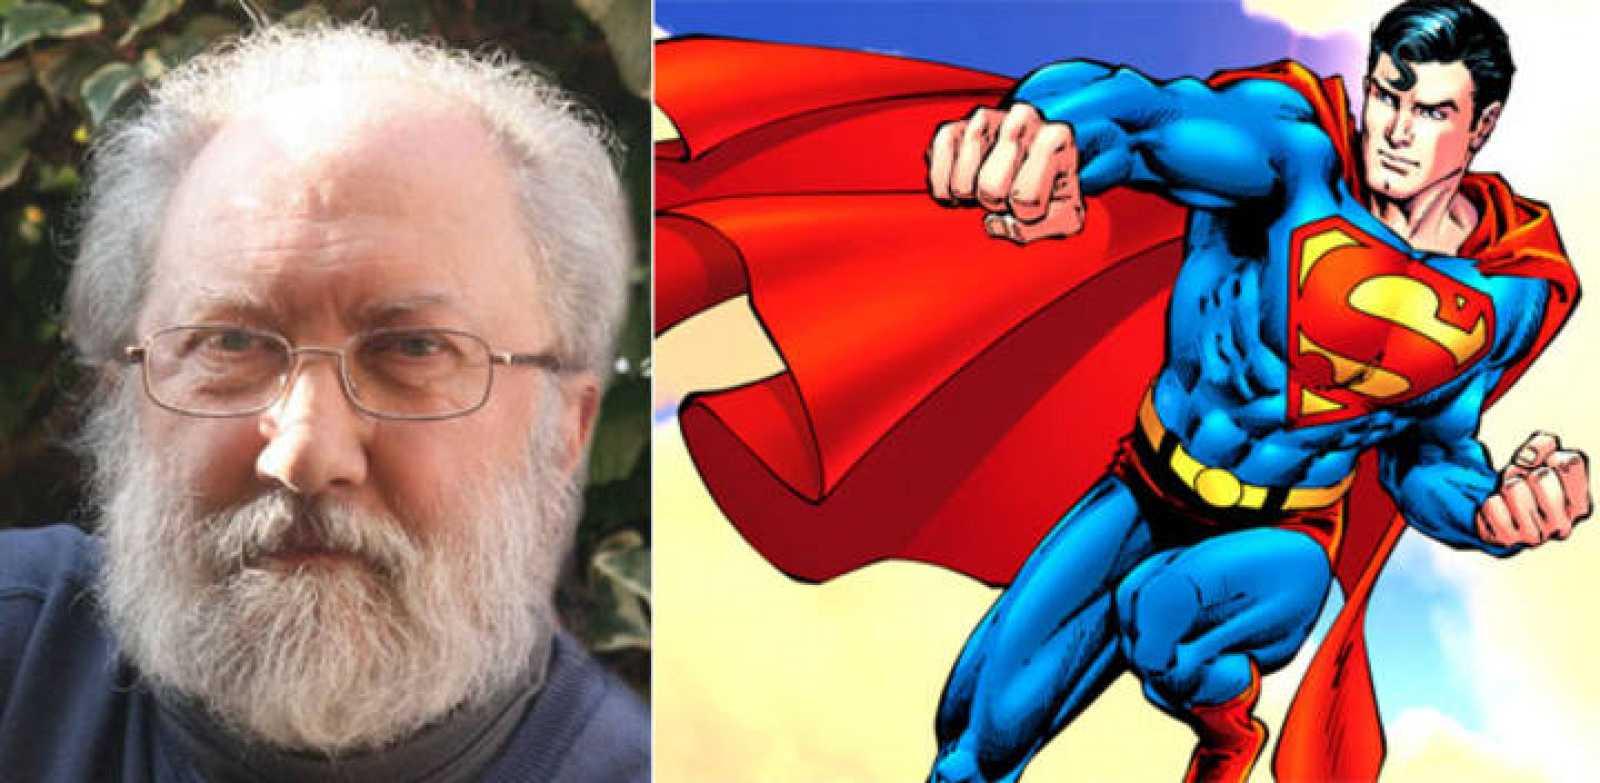 Mariano Bayona y una viñeta de Superman (DC Comics)